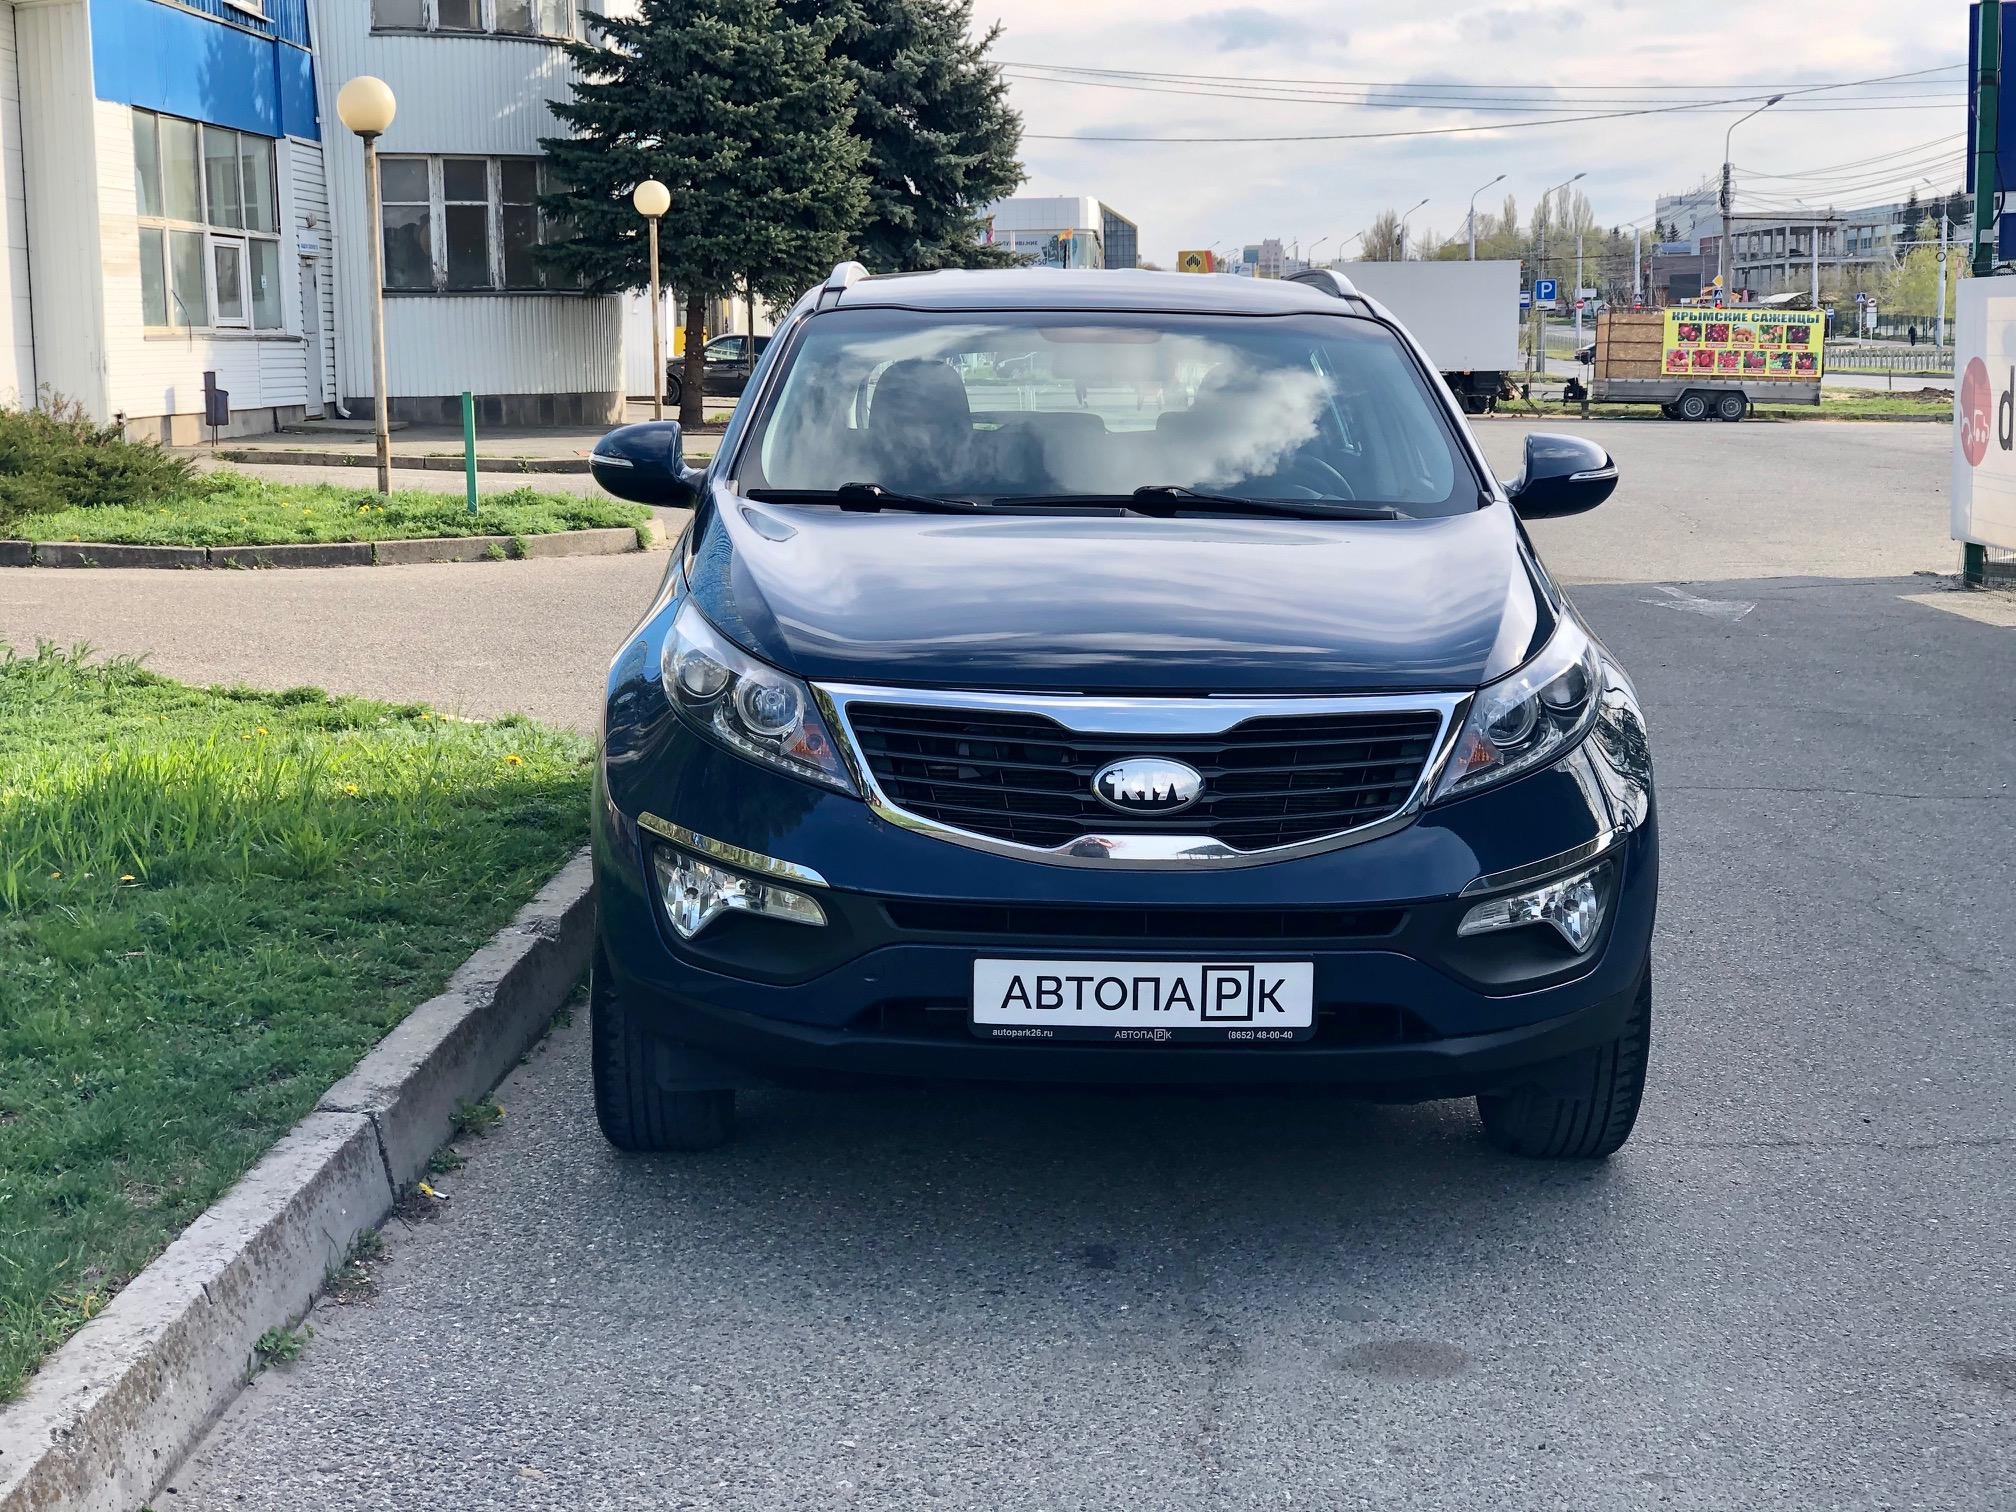 Купить KIA Sportage (Синий) - Автопарк Ставрополь